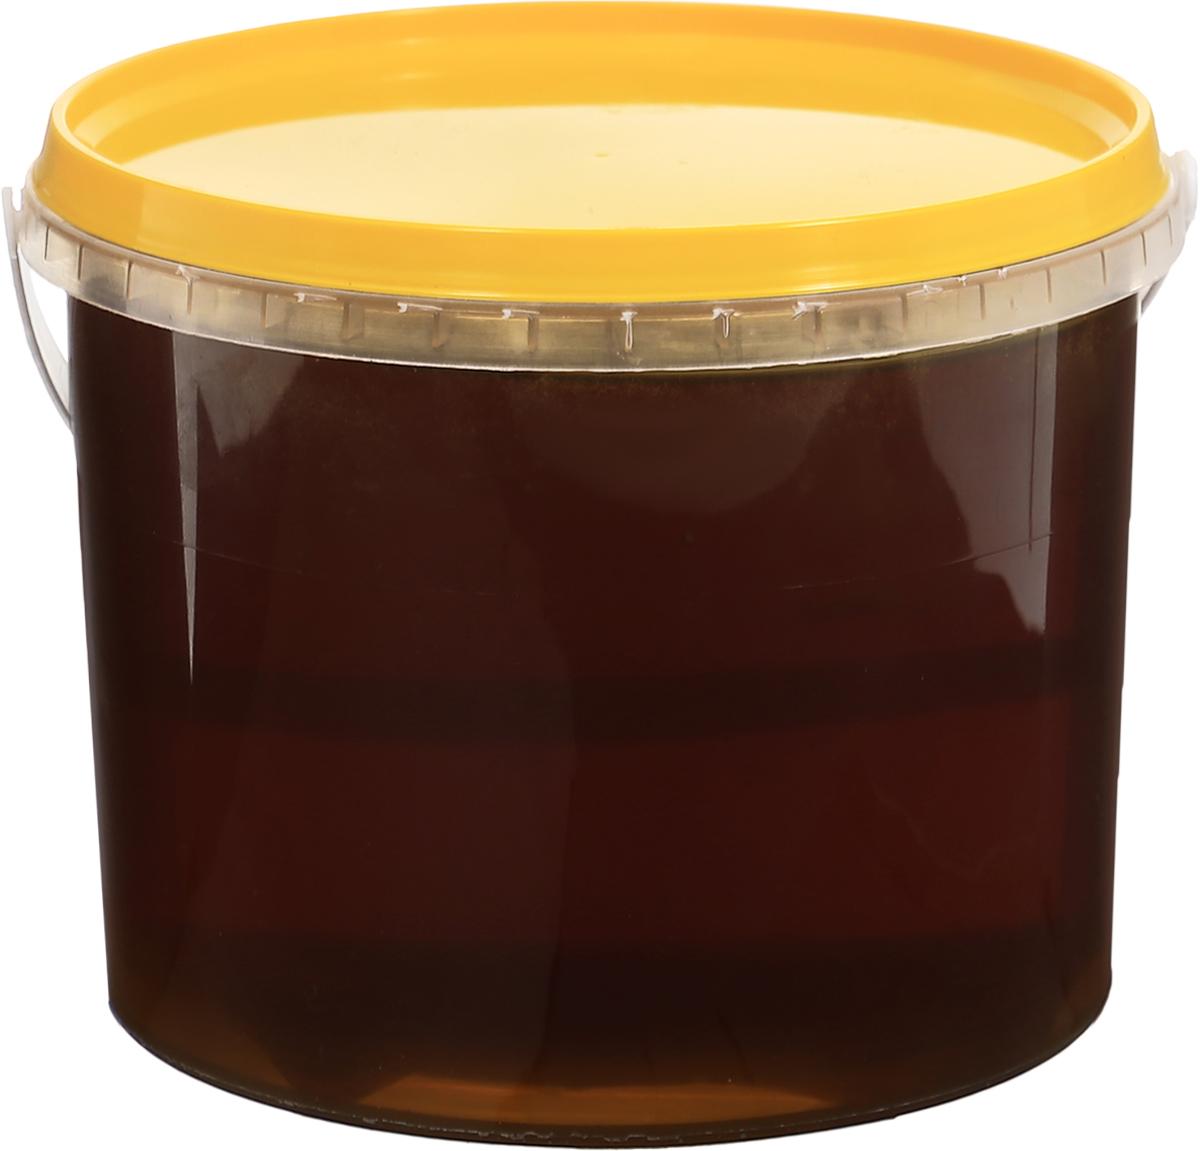 Медовед мед натуральный горный, 1 кг4627123647569За счет своих уникальных природных свойств пользу горного меда переоценить невозможно. Применяется он для лечения и профилактики многих заболеваний. Нектар собирается пчелами в предгорьях и у подножий гор. Пчелы собирают нектар с таких редких цветков, как, мелисса, чабрец, левзея, душица фацелия, розовая радиола, синяк, боярышник и других растений. Этим обусловлены особо ценные вкусовые и лечебные свойства натурального горного меда. Цвет у меда разный, как правило, от соломенно-желтого до светло-коричневого.Натуральный горный мед применяется при лечении ангины, насморка, ларингита, трахеита, сердечно-сосудистой системы и как общеукрепляющее средство. Обладает сильными антибактериальными свойствами. Полезен при атеросклерозе, заболеваниях печени, повышенной функции щитовидной железы, а также - как успокоительное при нервных заболеваниях и бессоннице.Народная медицина советует применять его при головокружении и одышке. Научная медицина рекомендует этот сорт меда в диабетическом питании, так как не требует присутствия инсулина. Чаще всего горный мед применяют для лечения заболеваний дыхания и дыхательных путей, при глазных заболеваниях. В гинекологии горный мед используется преимущественно в компрессах. Полезен он и в лечении гнойного гайморита.Медосбор осуществляется на территории биосферных заповедников (основные: Валдай, Дальний Восток, Алтай, Кубань, Башкирия). Фасуется мед на производстве в Москве. Декларация соответствии: TC N RU Д-RU.АЮ97.B.05271.